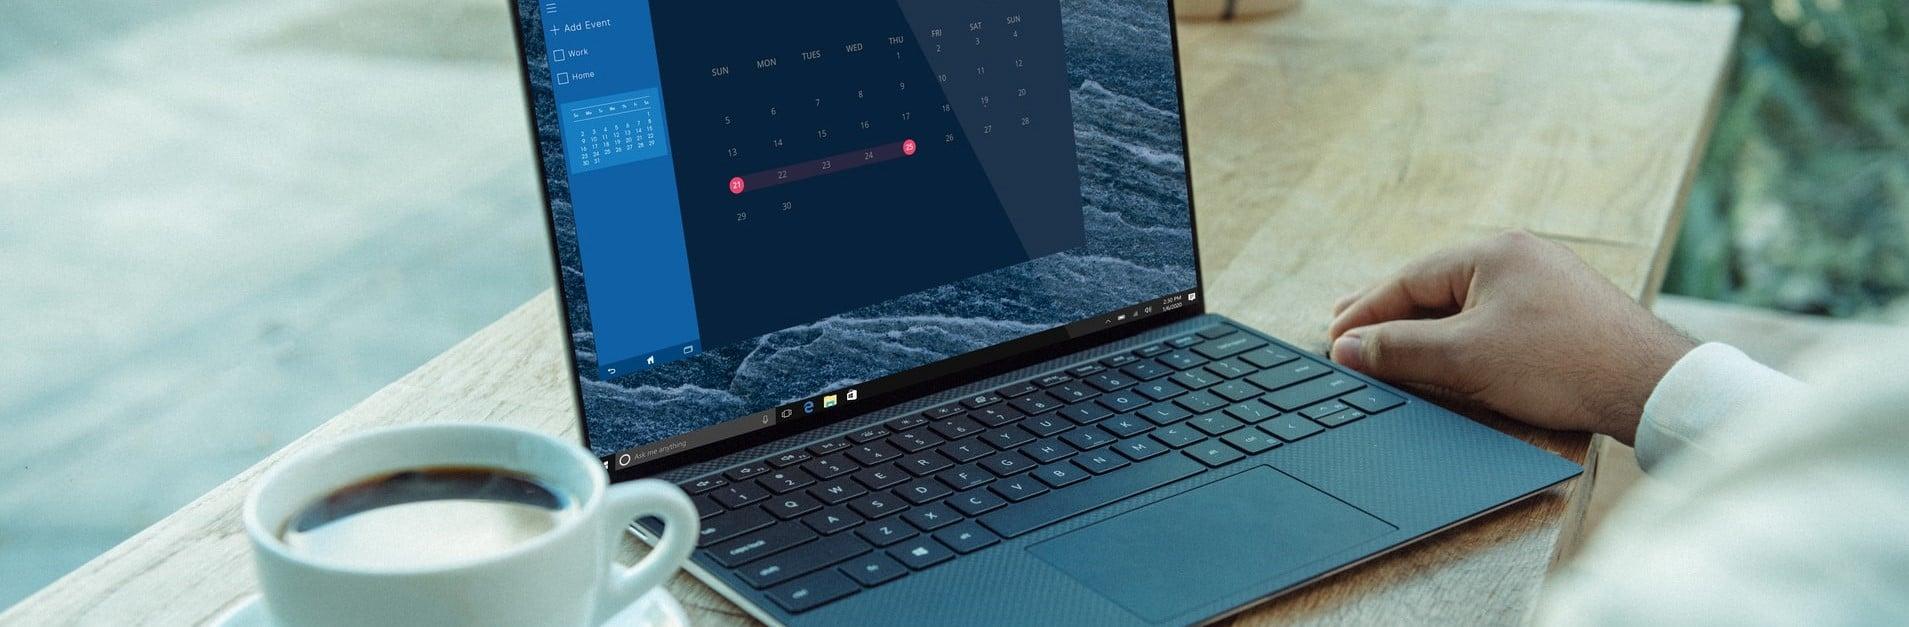 Neues Windows 10-Update zeigt Warnmeldungen für Malware an